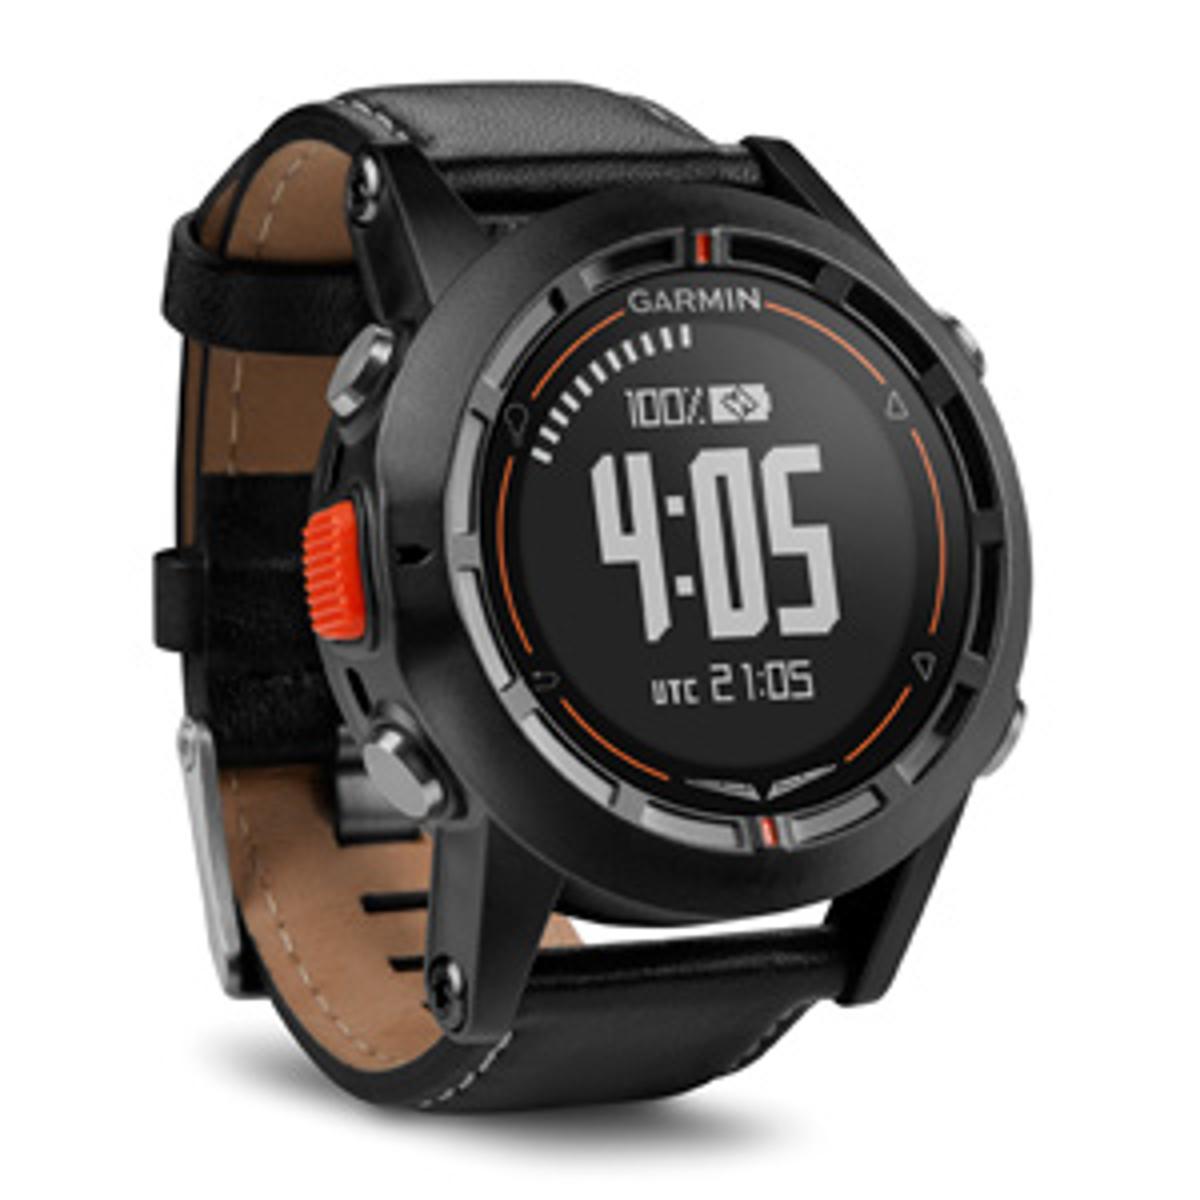 The Garmin D2 pilot watch is billed as a wrist-mounted avionics package